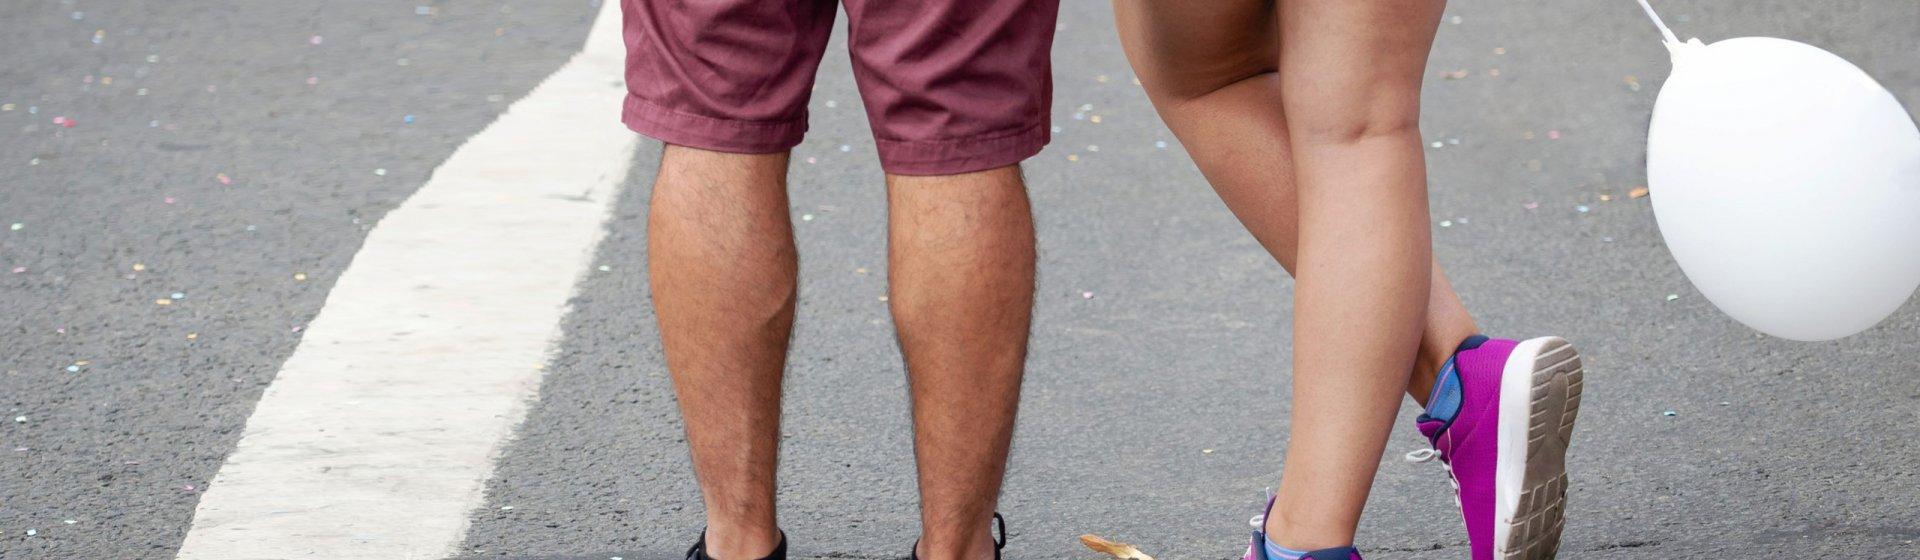 Pärchen in Shorts